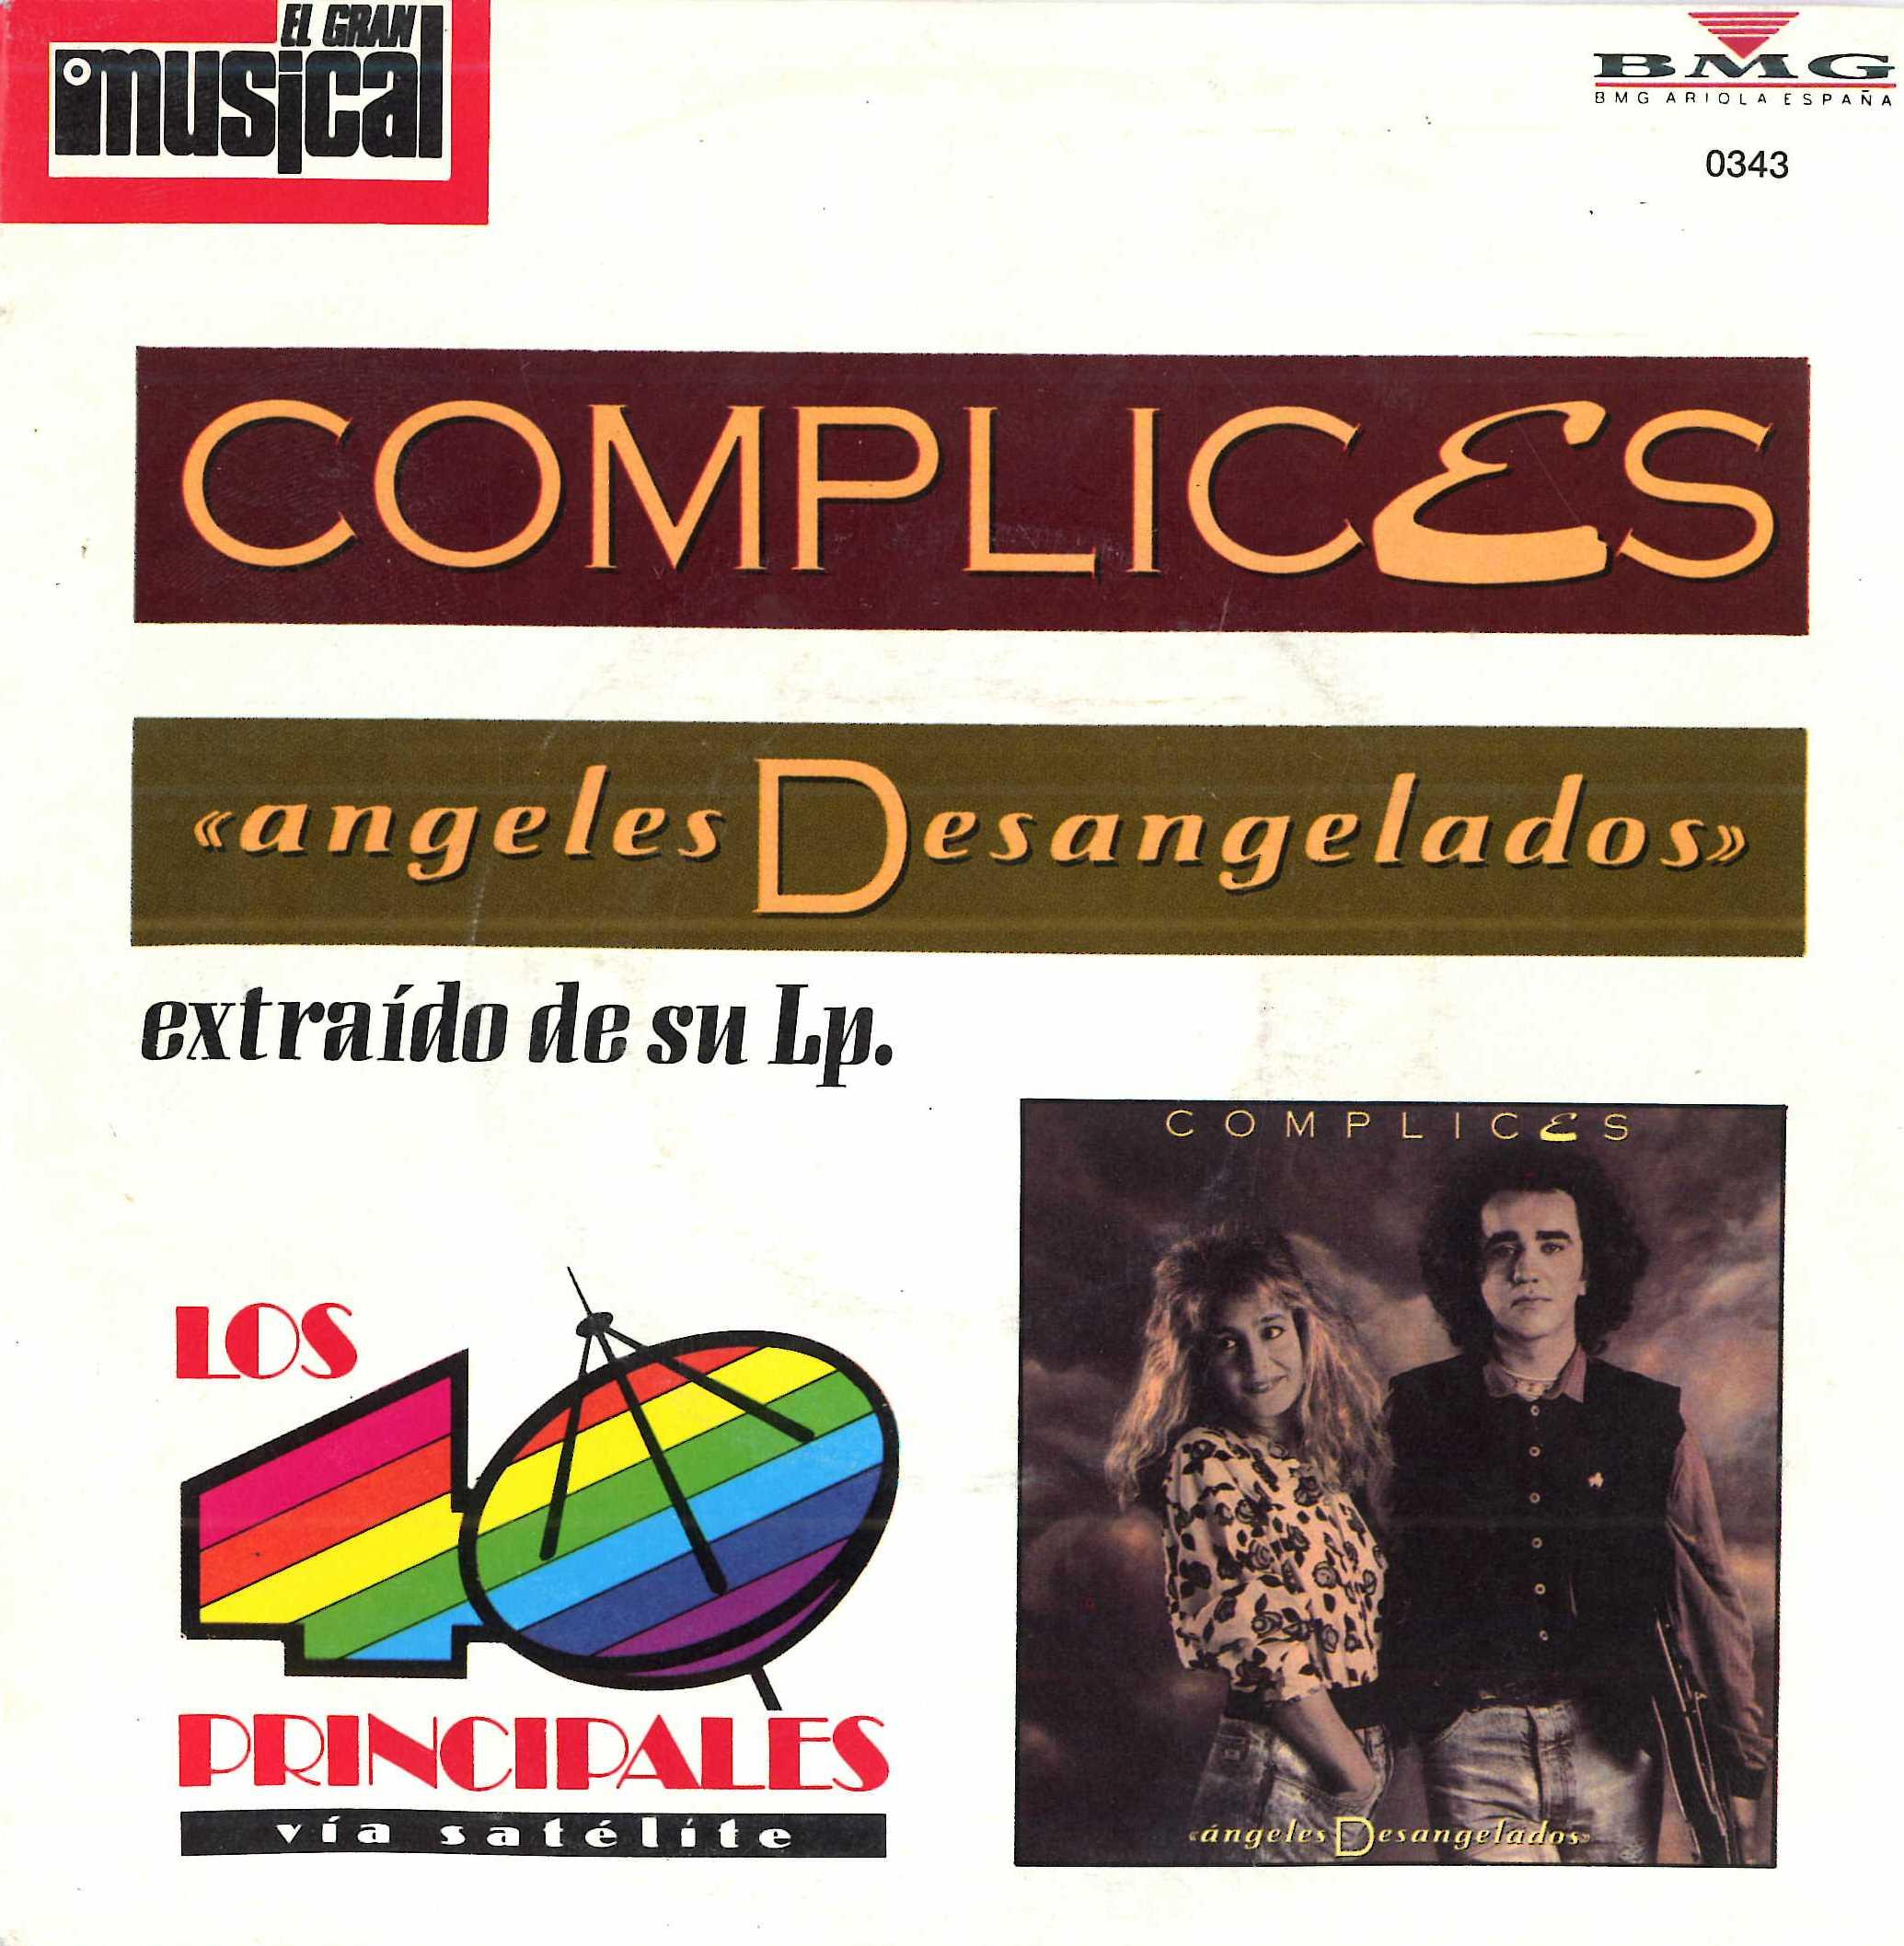 Ángeles desangelados / Silvia lo sabe (El Gran Musical / Edición especial 40)